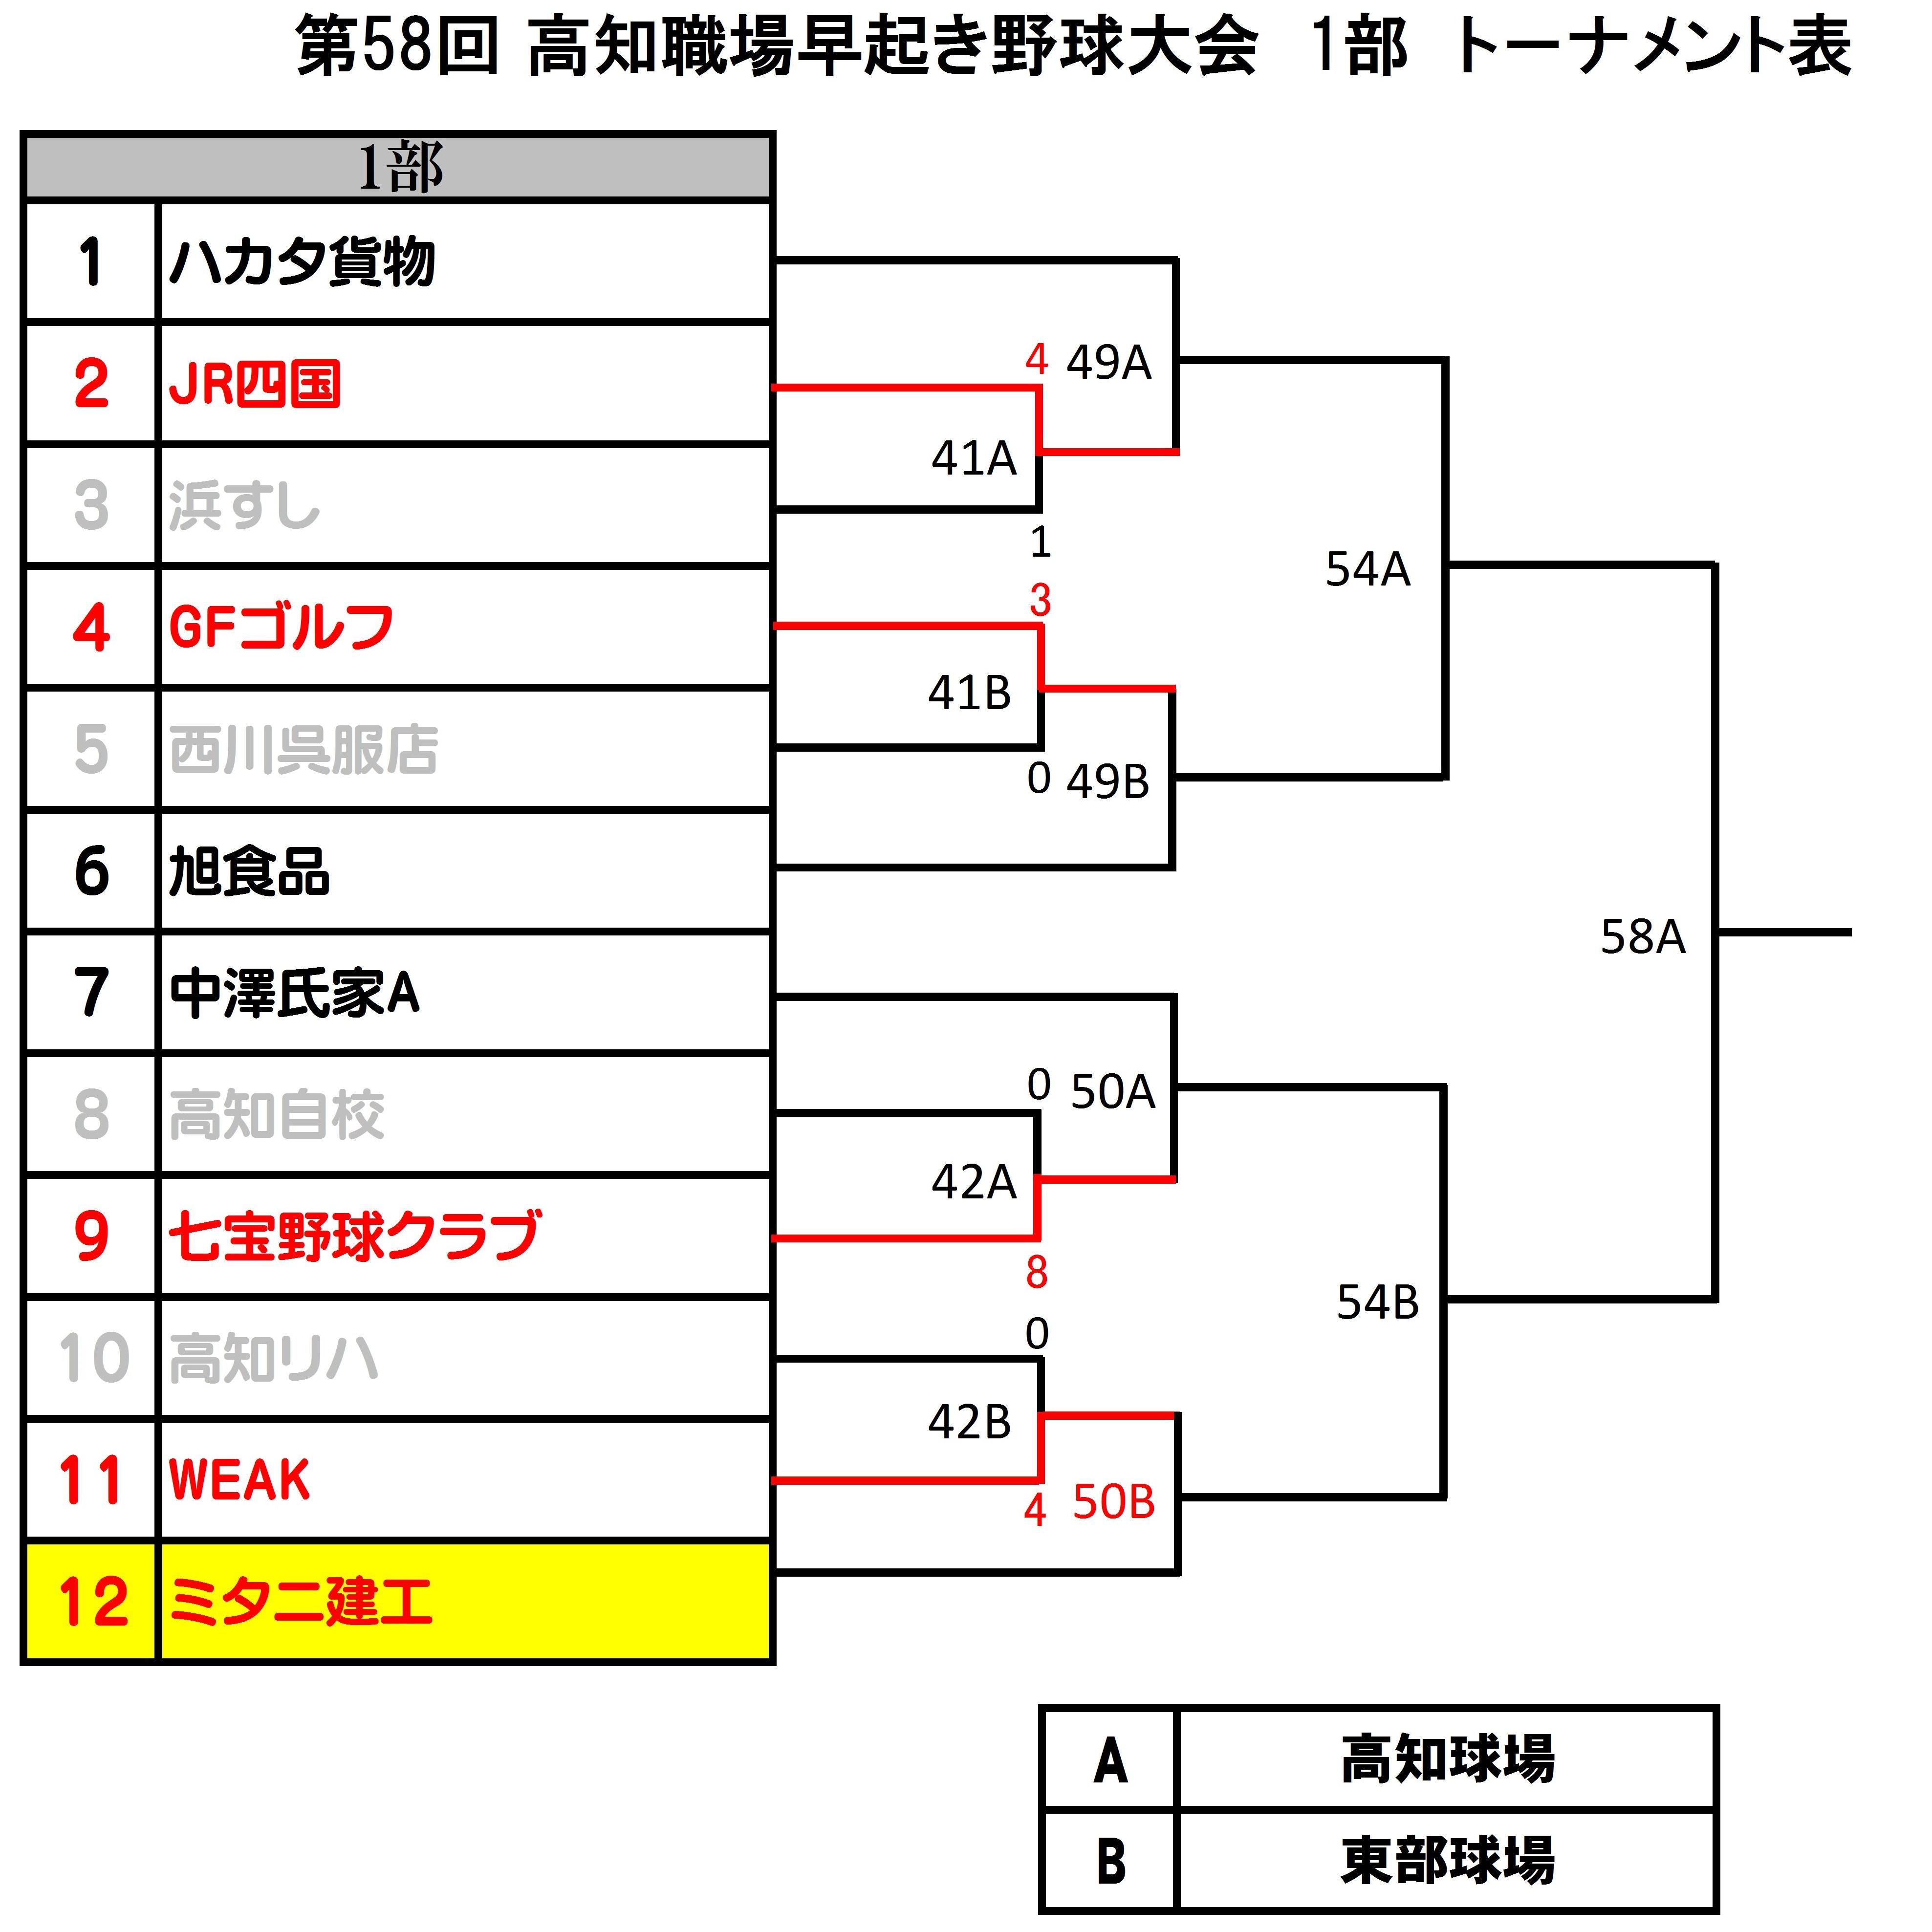 夜さこい野球トーナメント表-12